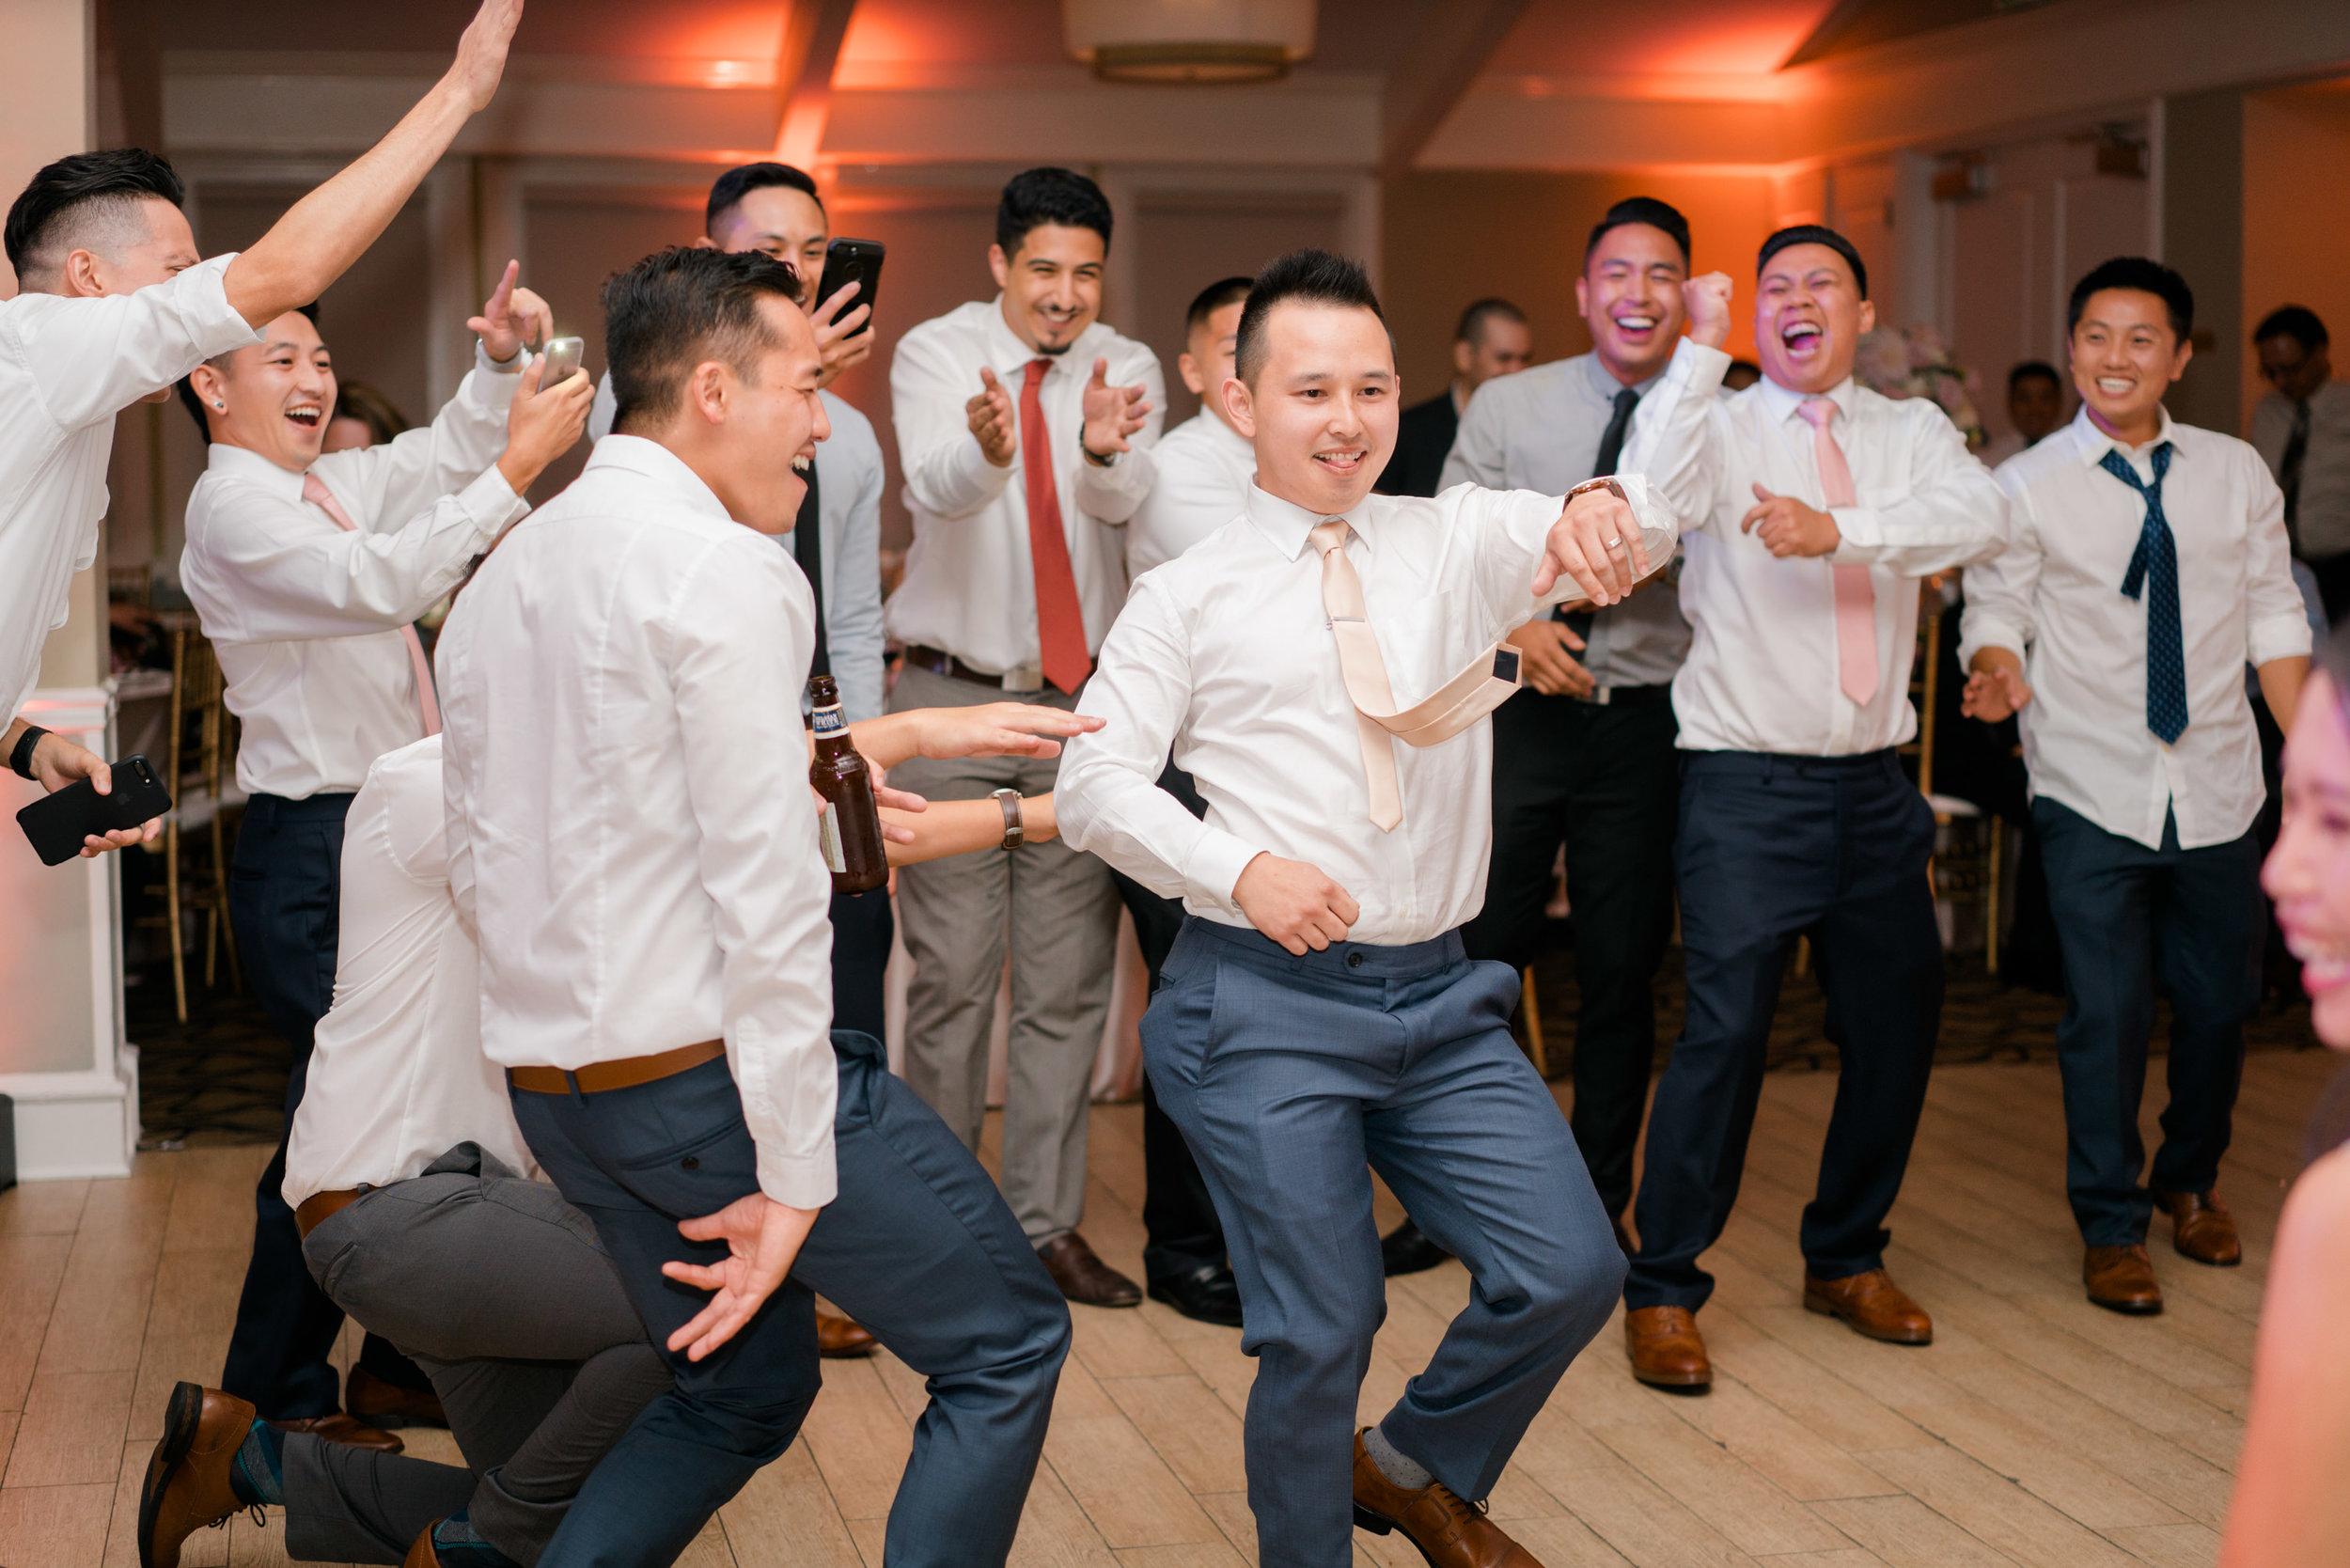 djkanoya_morgan_run-wedding_-nick.jpg